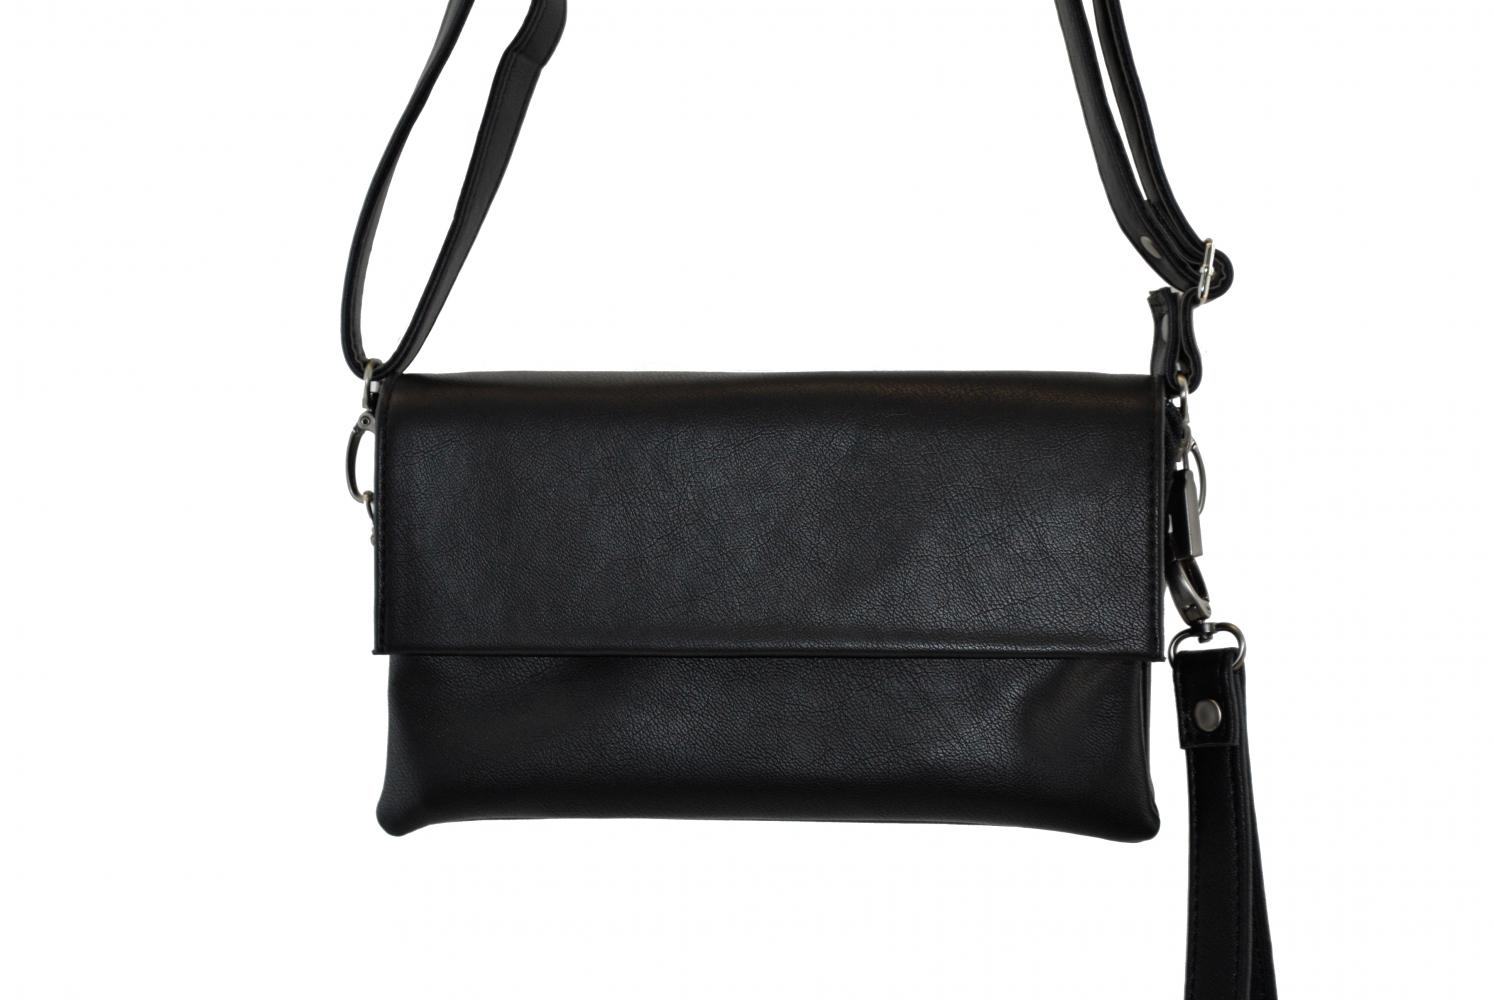 d5aeb5512389 Купить черную мужскую сумку 34142 c доставкой по Украине. - Интернет ...